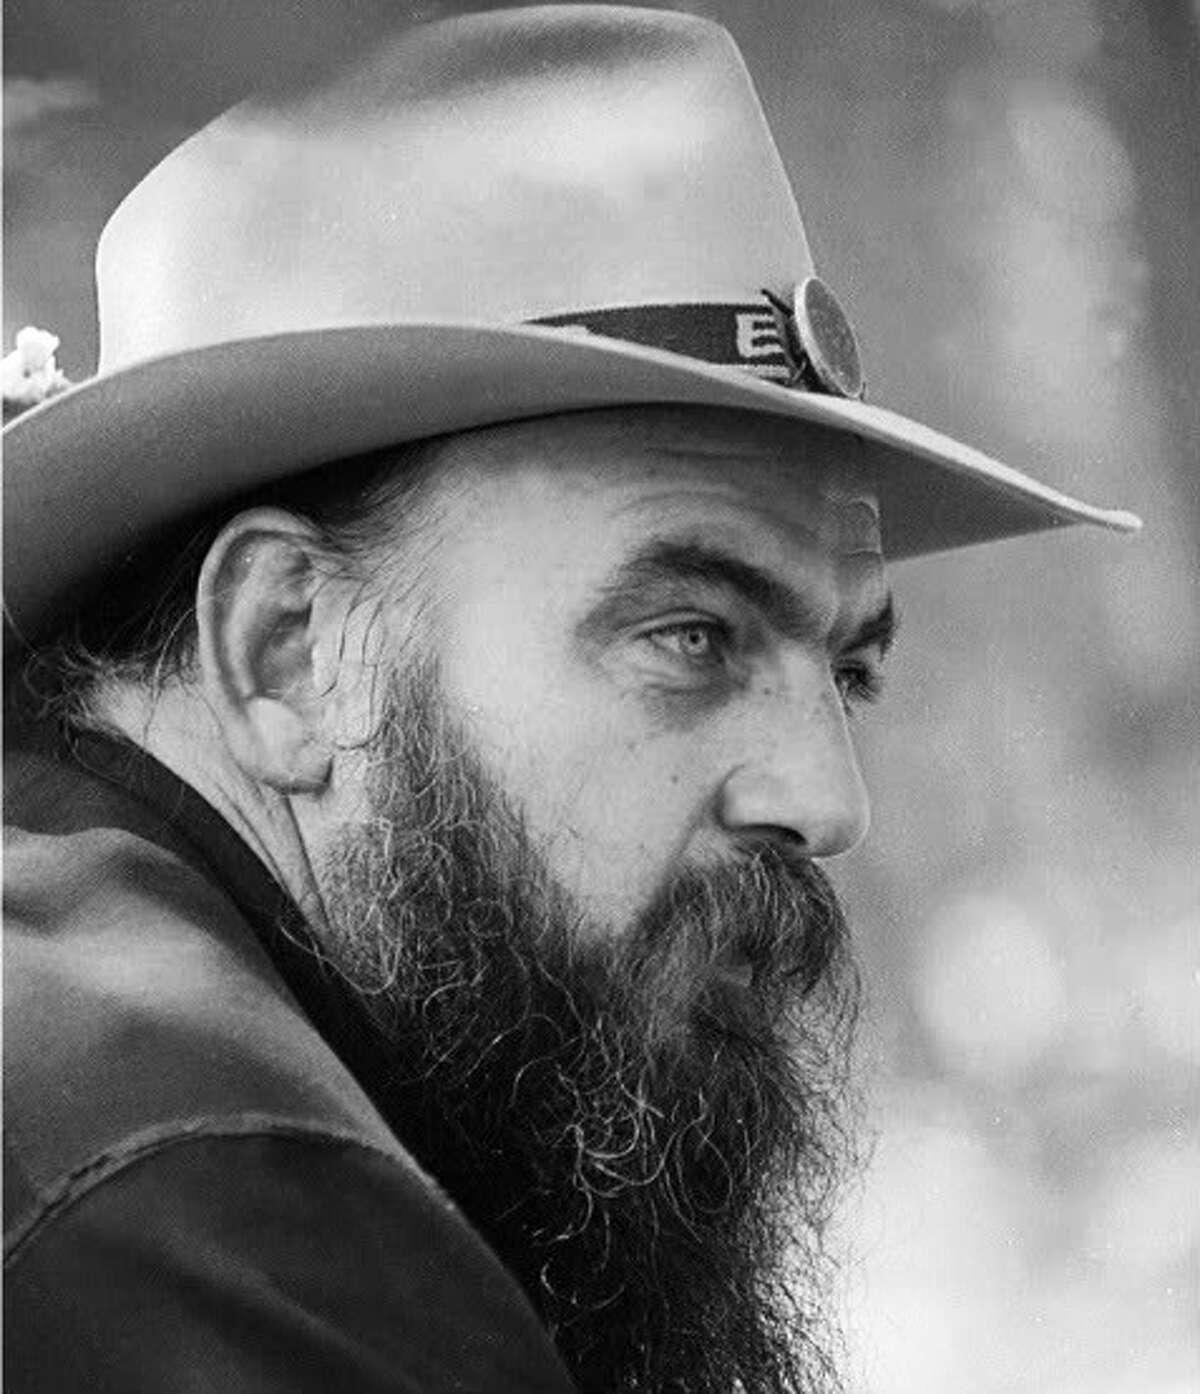 Singer-songwriter Blaze Foley who was murdered in Austin in 1989.